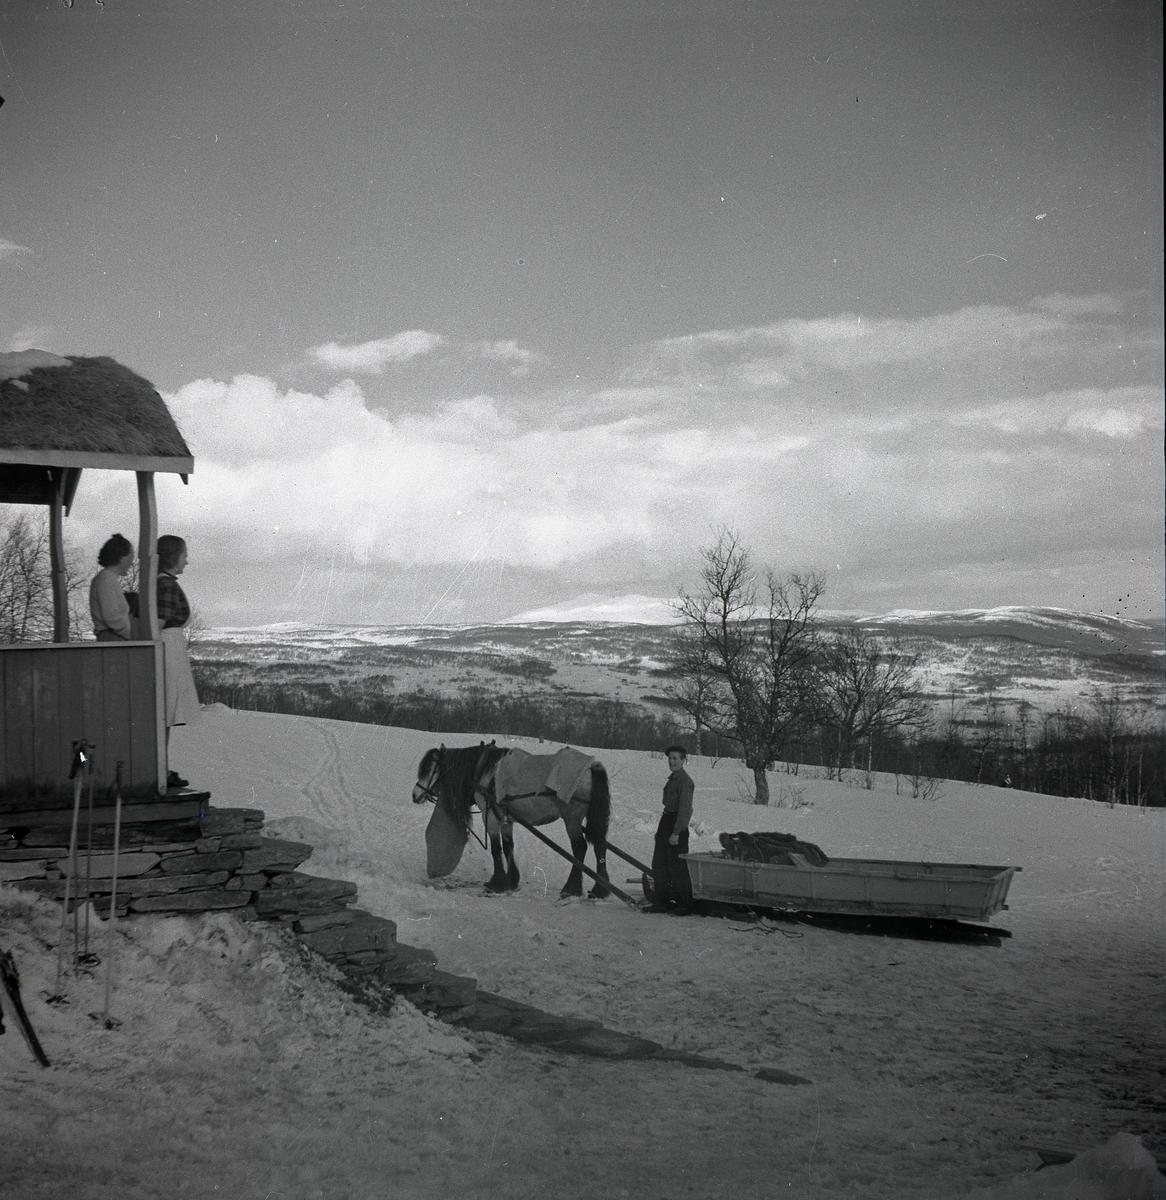 En man har stannat framför ett hus med sin hästdragna släde. Två kvinnor har stigit ut på trappen och tittar mot ekipaget. Hästen har fått ett täcke över ryggen och hänger vilande med huvudet. I bakgrunden tornar snötäckta fjäll upp sig under en molntyngd himmel.